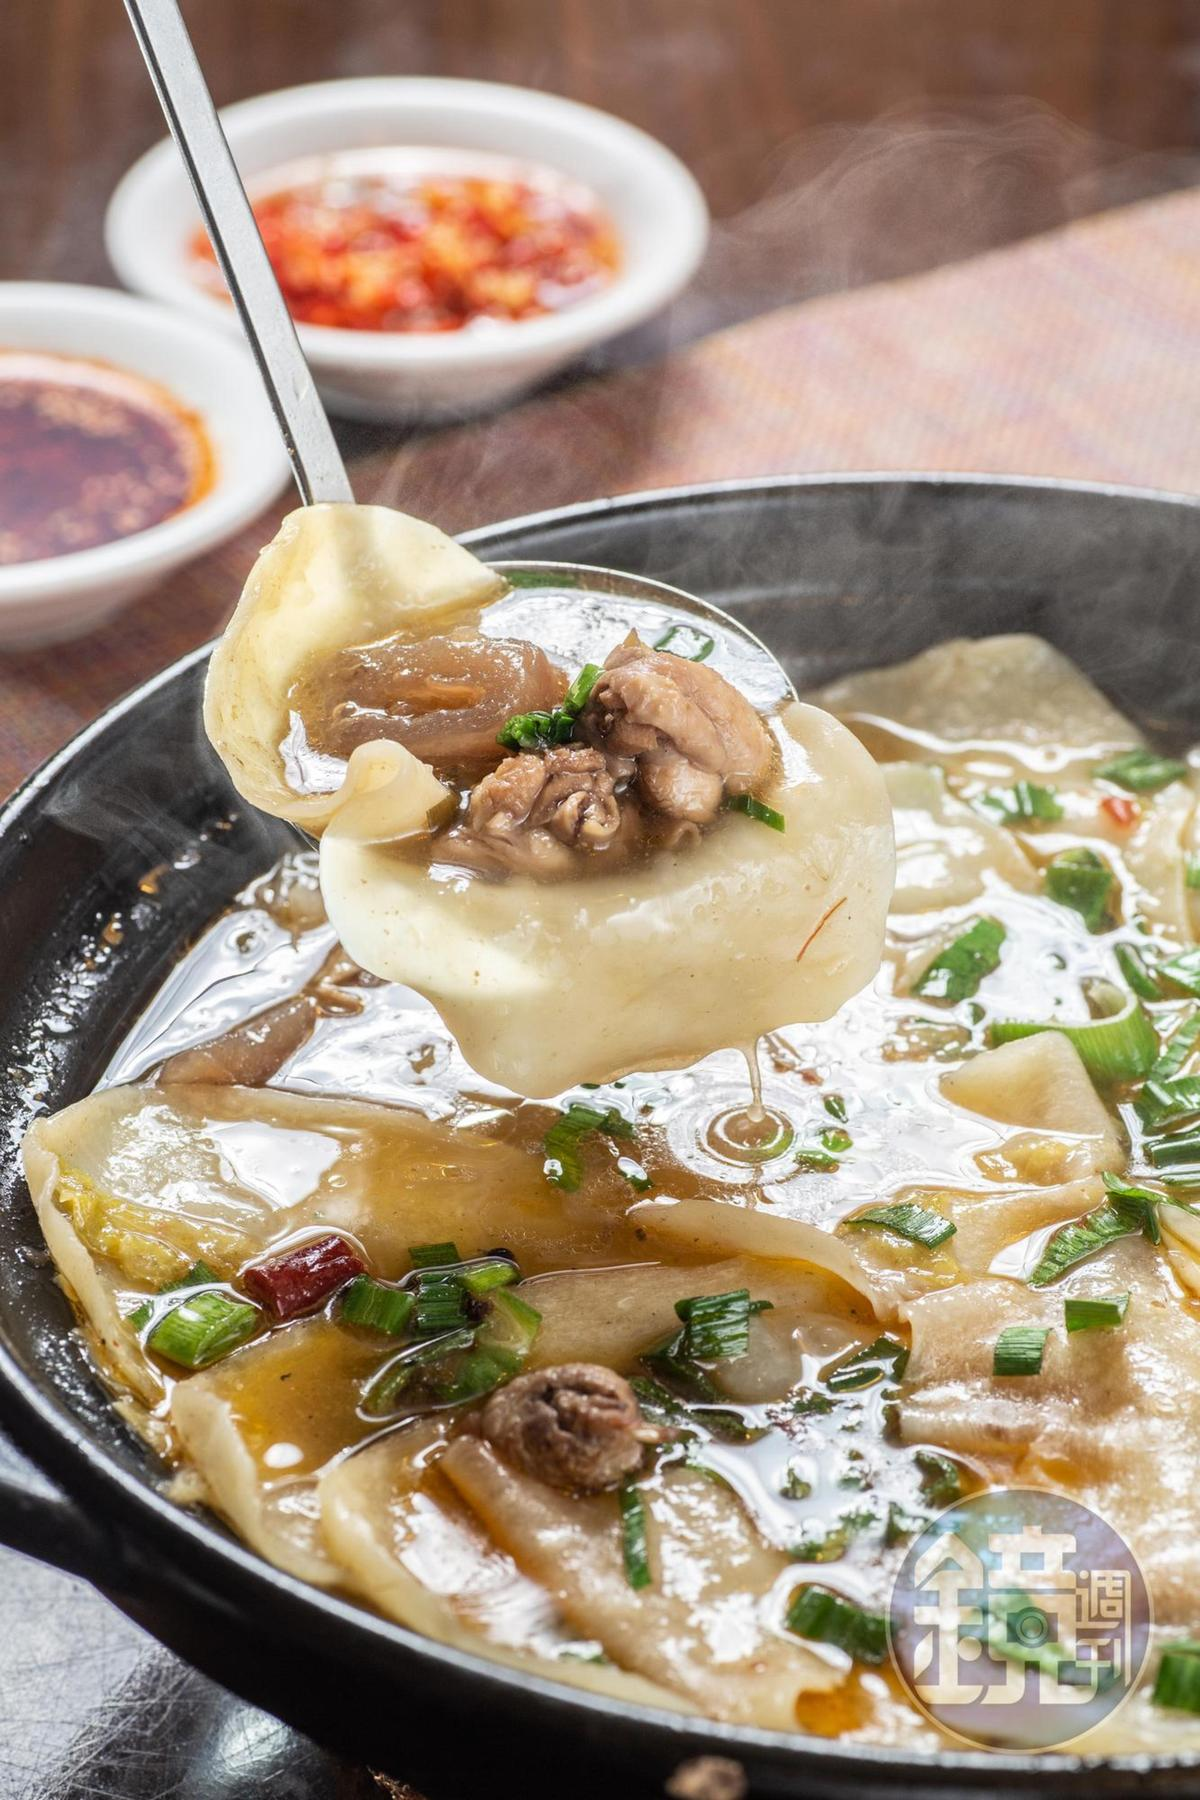 「地鍋雞」亮點在自擀的麵片和以滷蘿蔔湯、雞高湯調出的清甜湯頭。(580元/鍋)